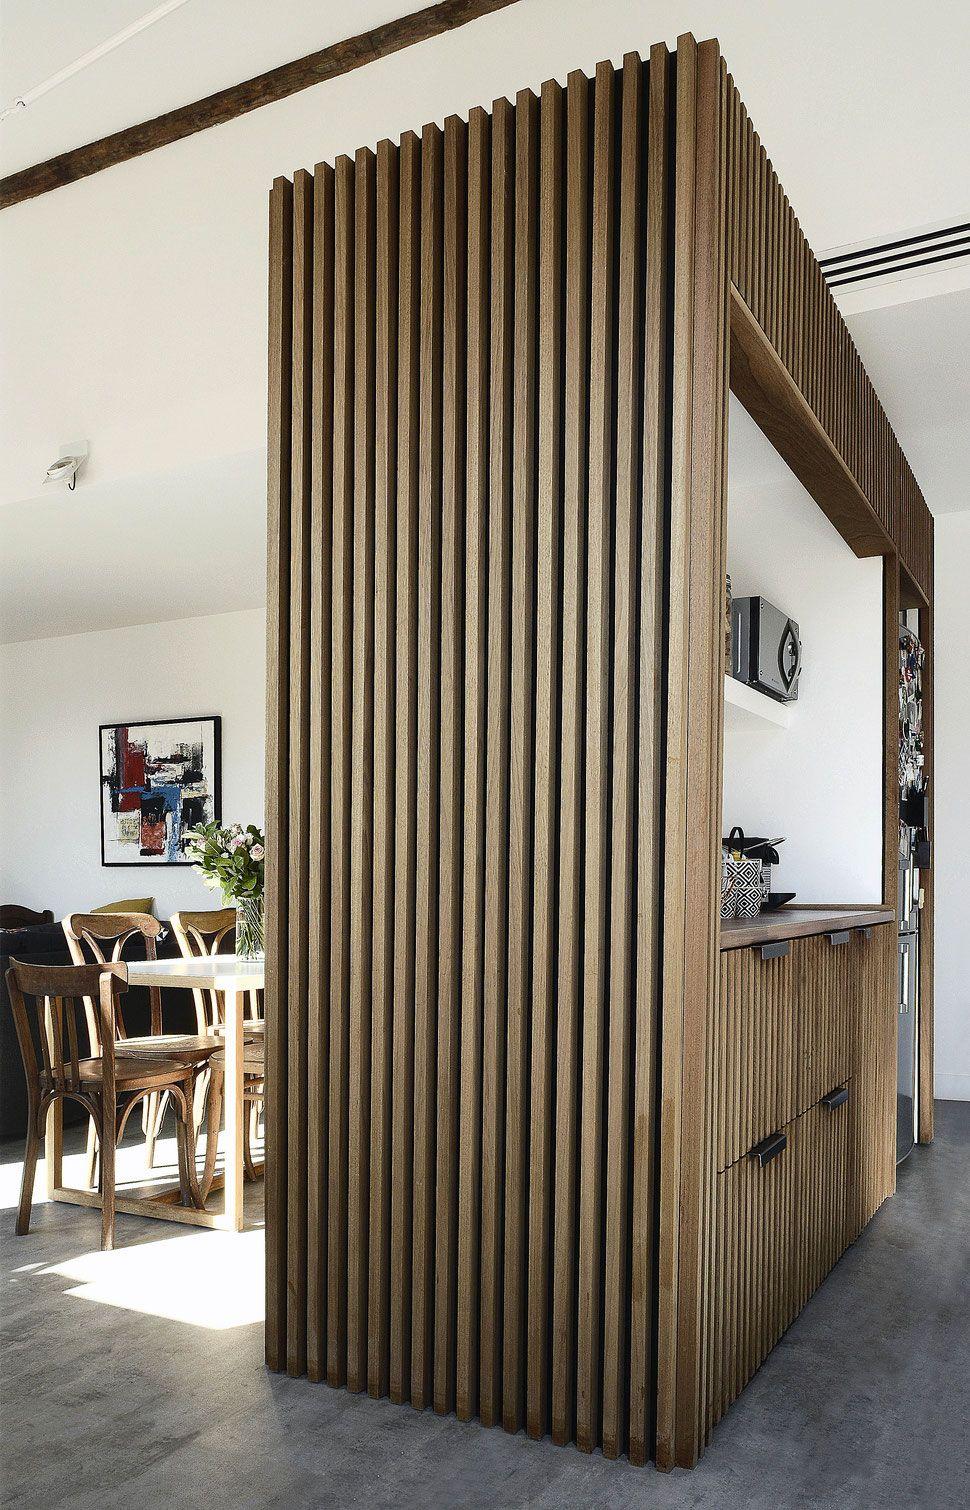 Claustra Intérieur En Bois bertrand guillon architecture - architecte - marseille